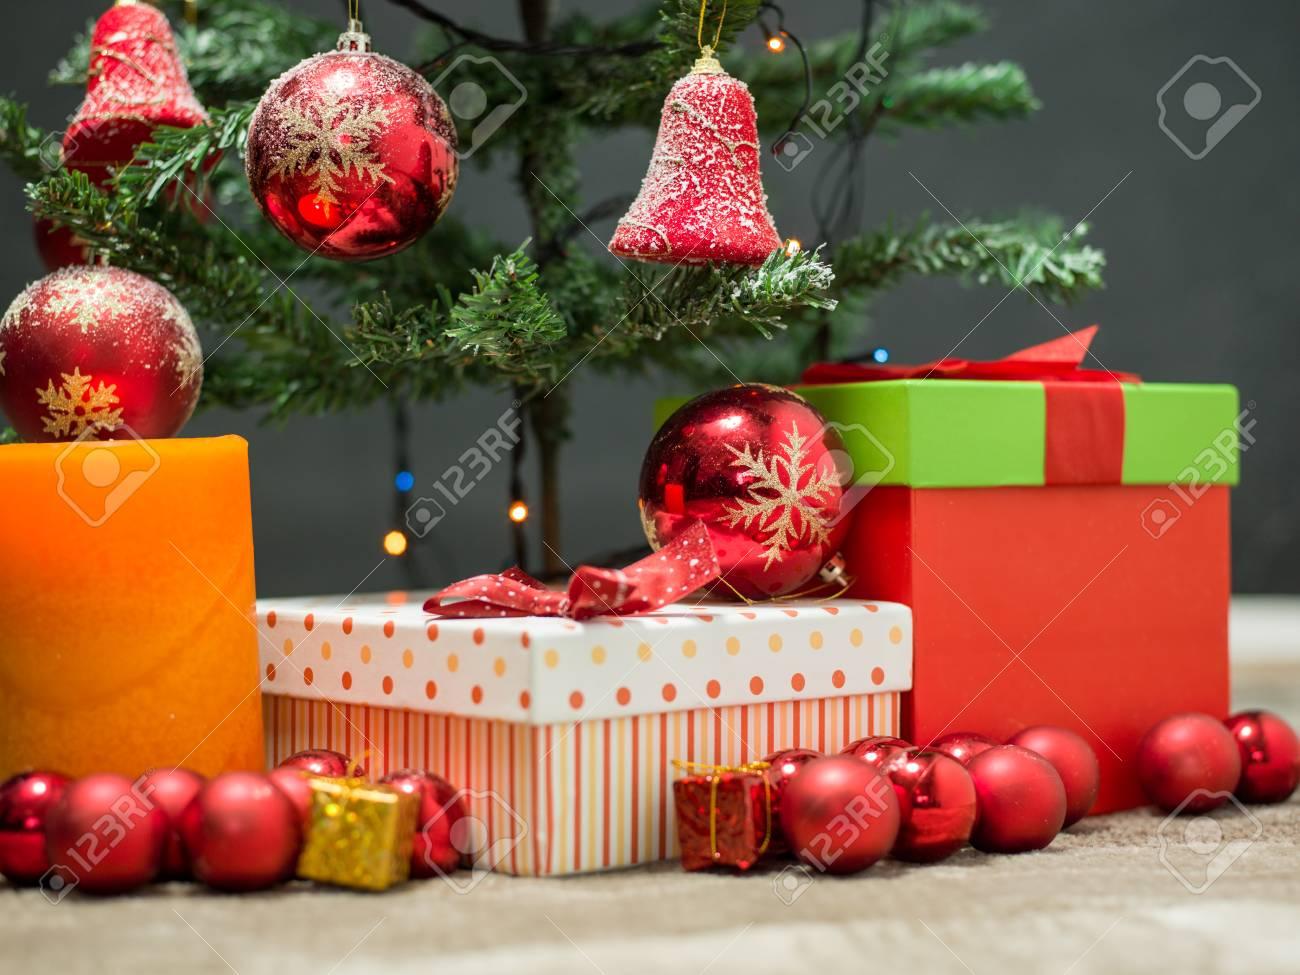 Albero Di Natale Con Decorazioni Blu : Albero di abete di natale con la decorazione dell oro e di rosso